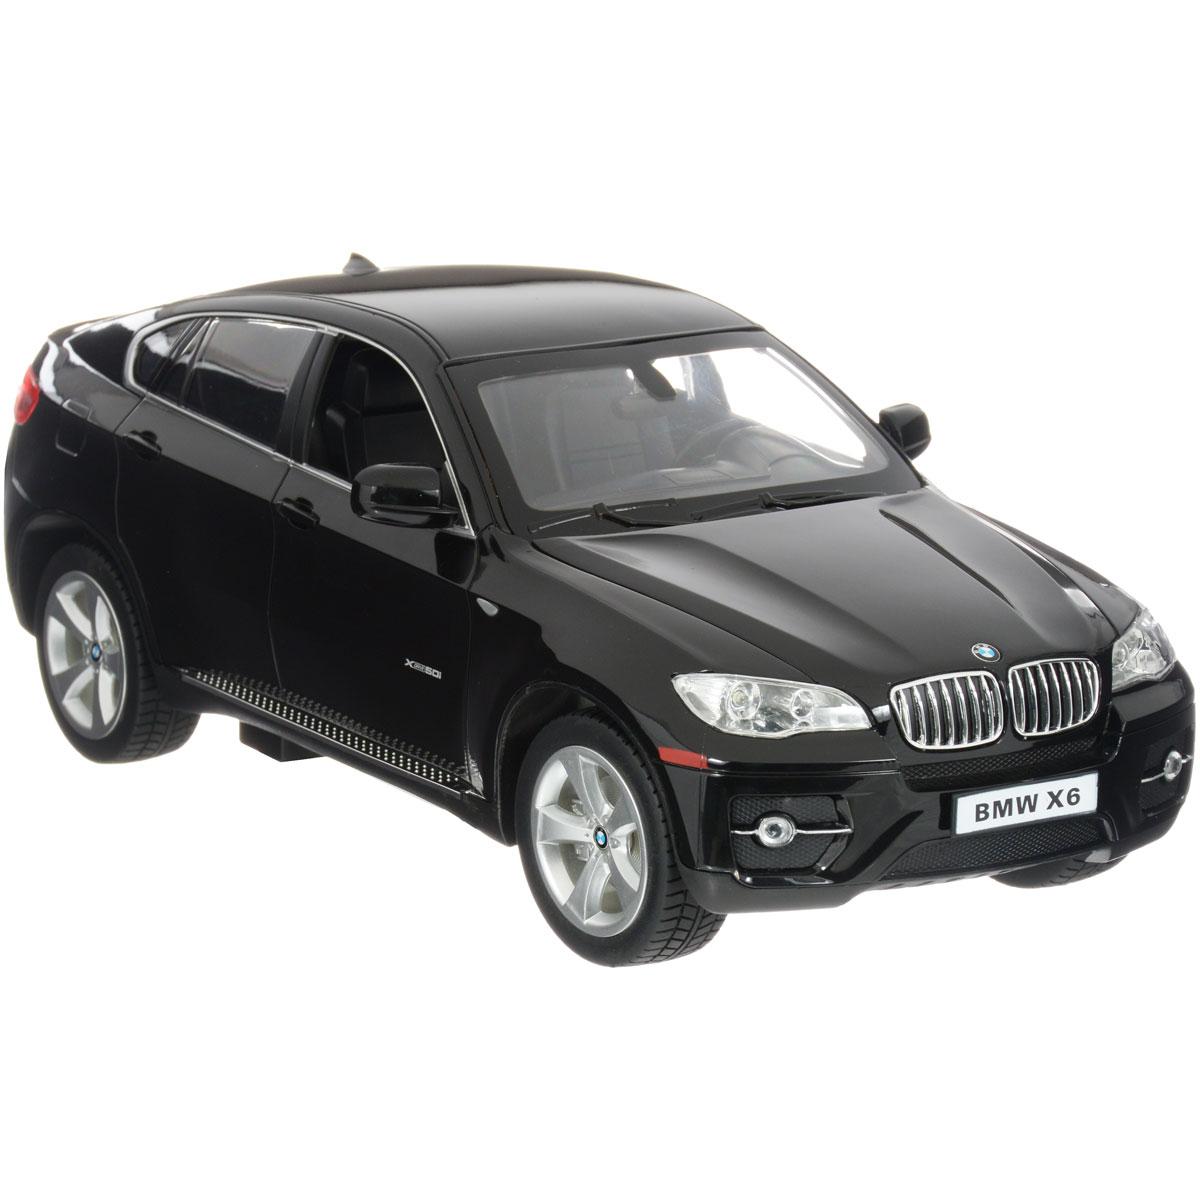 Rastar Радиоуправляемая модель BMW X6 цвет черный rastar радиоуправляемая модель bmw i8 цвет черный масштаб 1 14